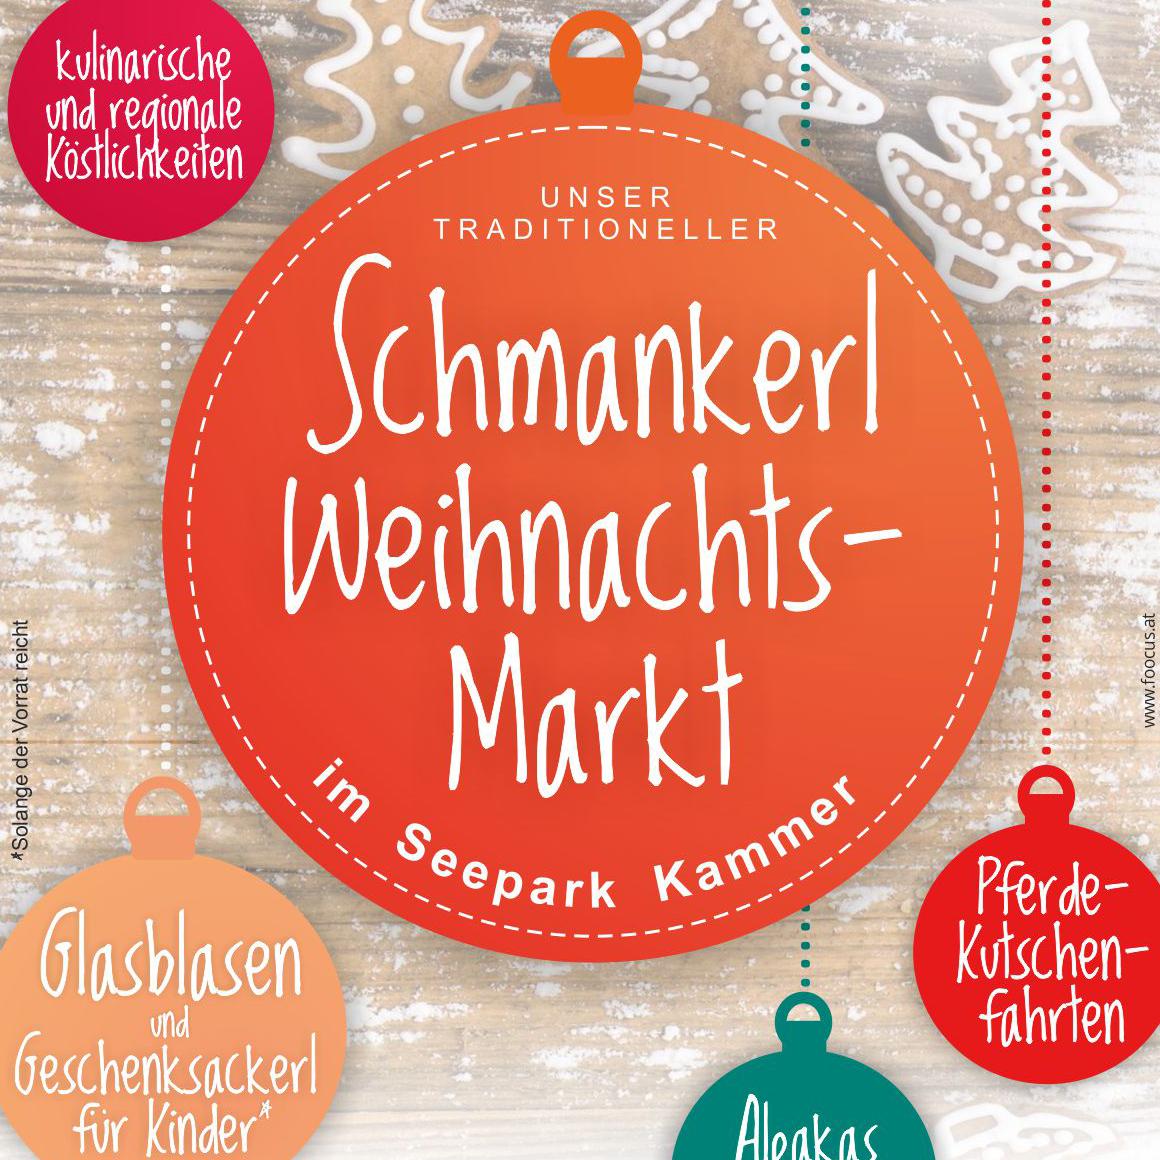 schmankerlweihnachtsmarkt.jpg